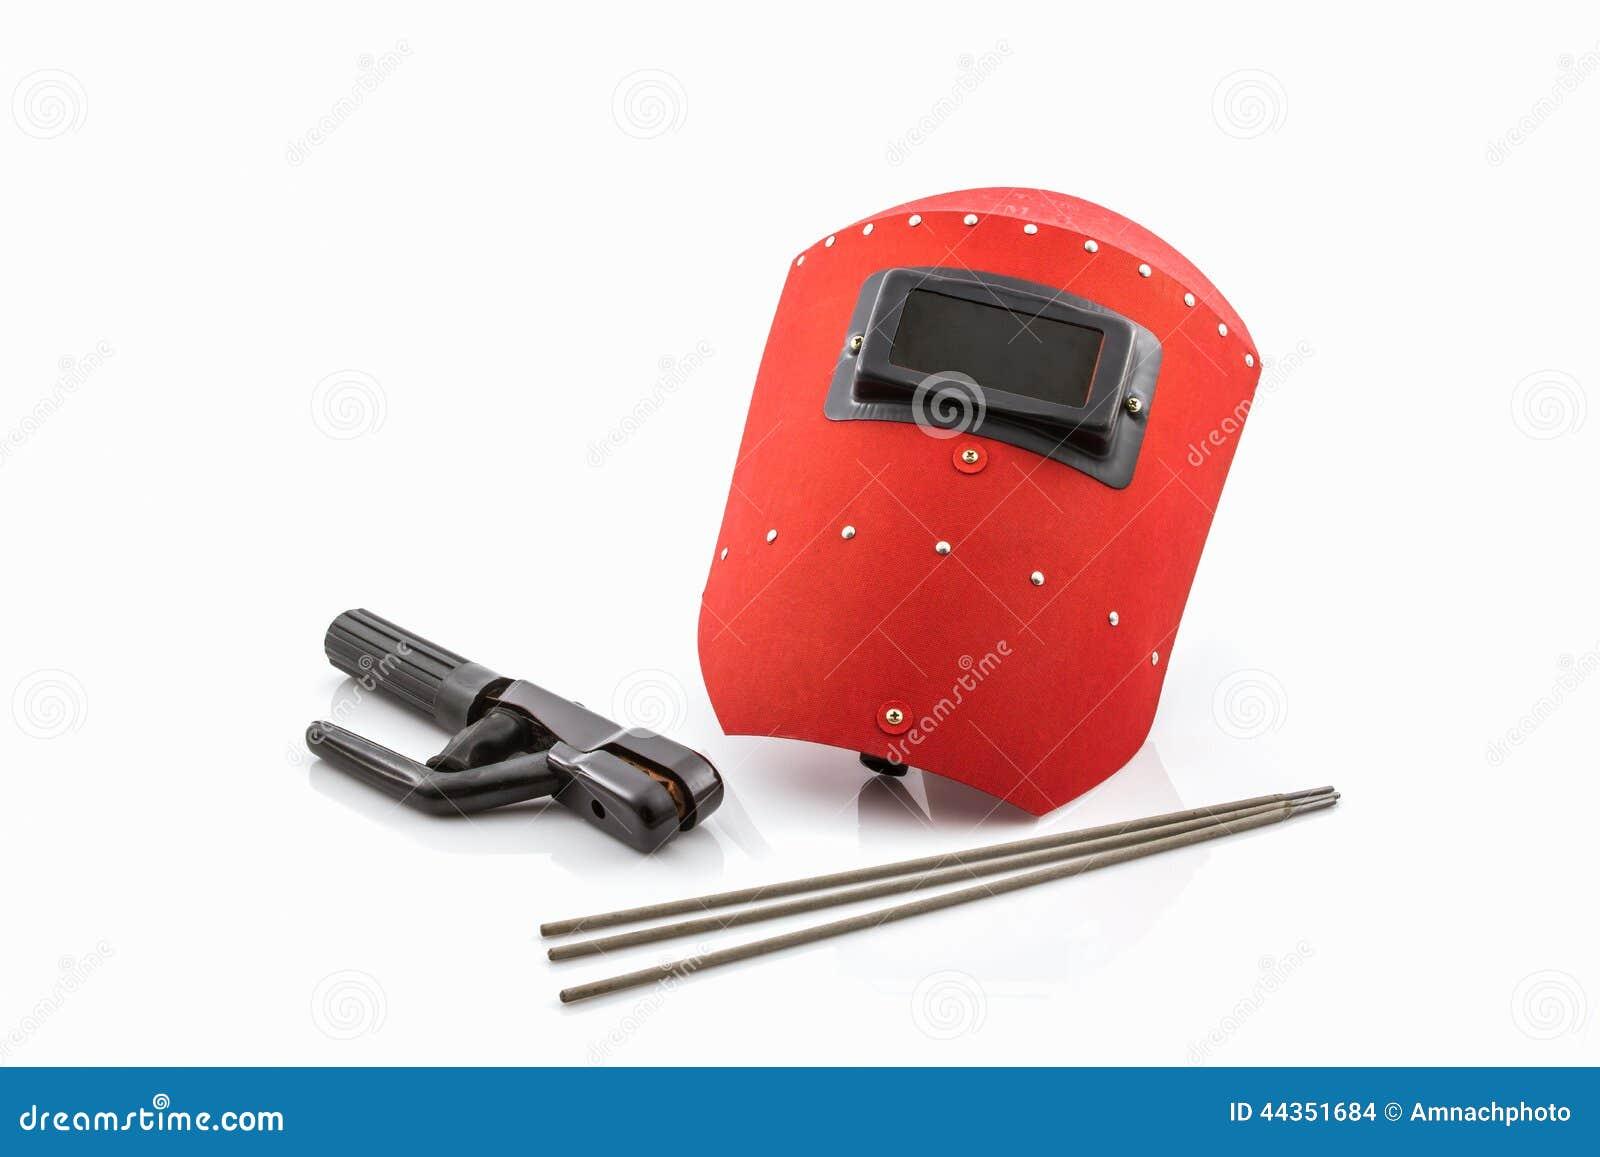 Schermo protettivo e barretta-supporto rossi con il wir degli elettrodi per saldatura